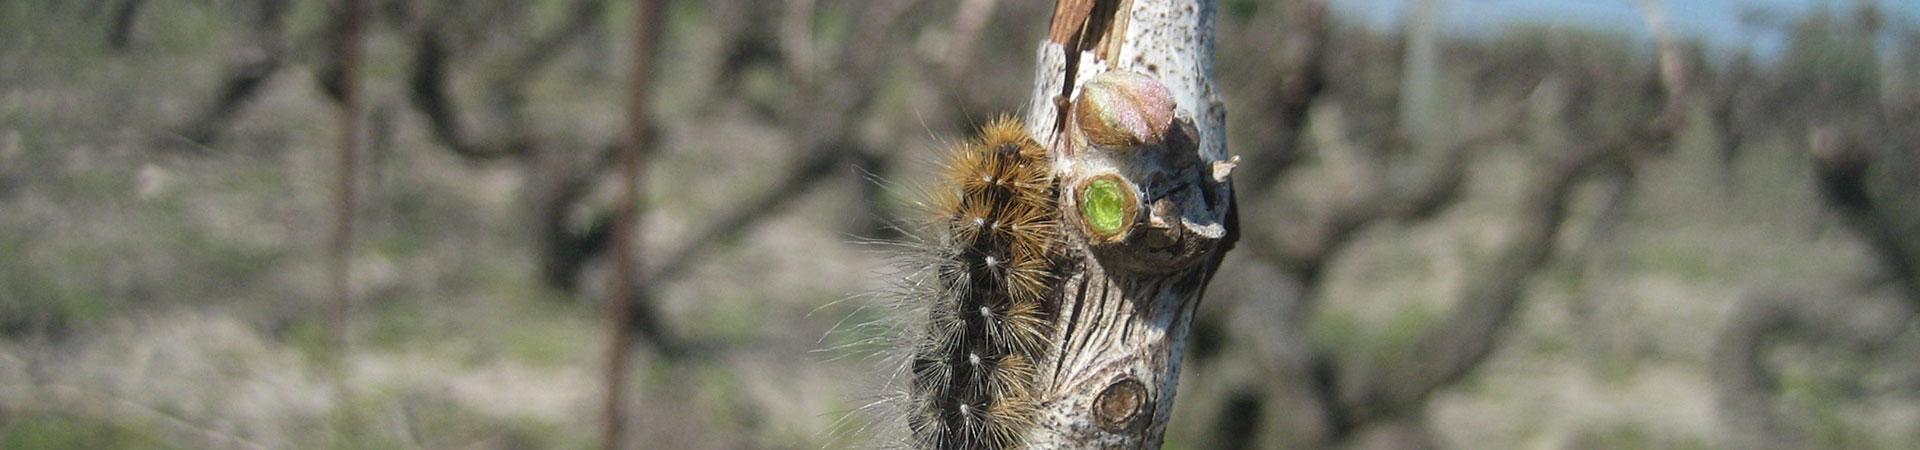 jardin_d_edouard-vingneron_raisone-caterpillar